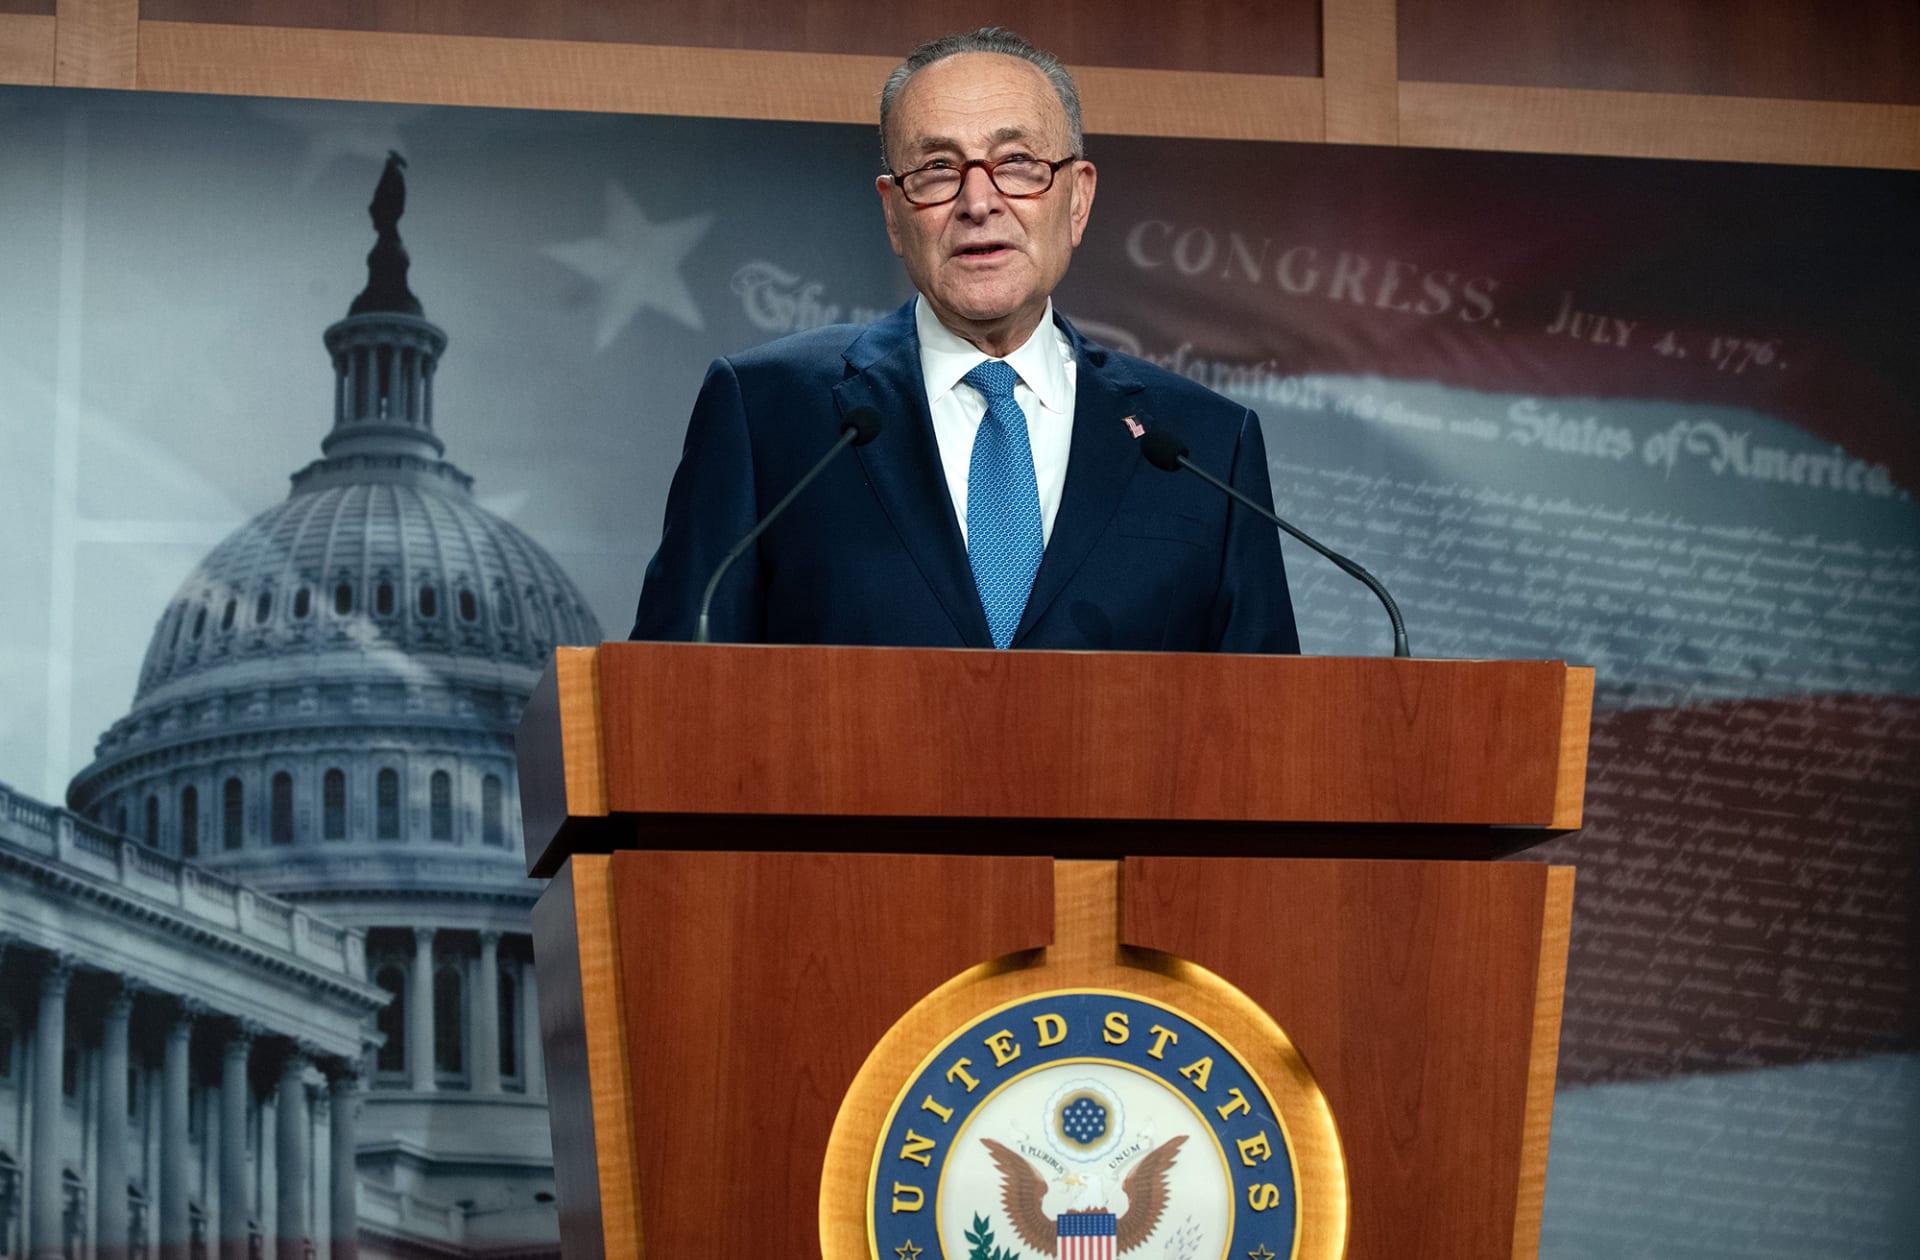 مجلس الشيوخ الأمريكي يقر مشروع قانون لمكافحة النفوذ الاقتصادي المتنامي للصين